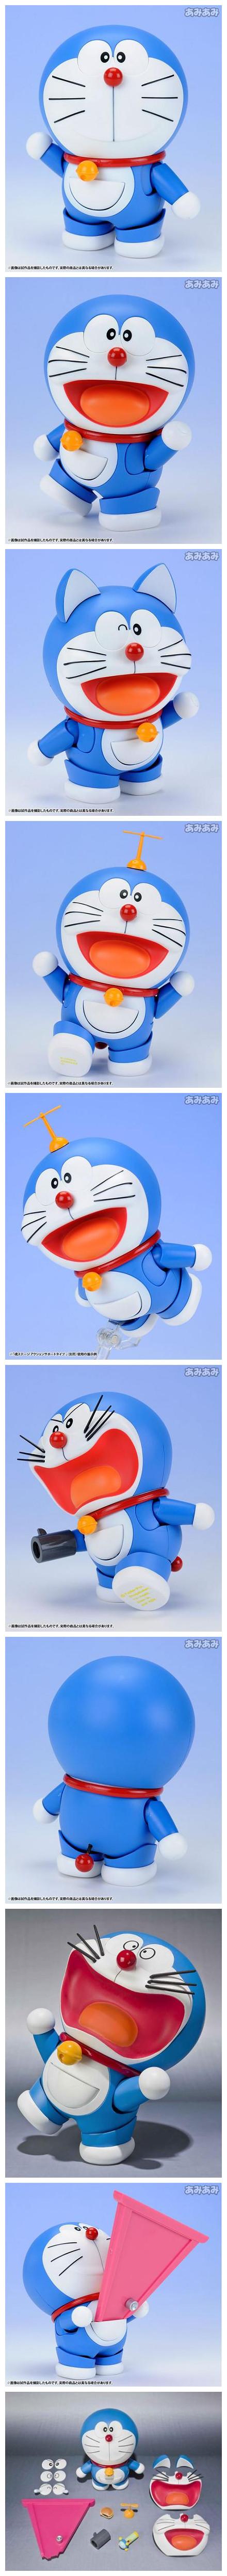 [จีน] Robot Doraemon